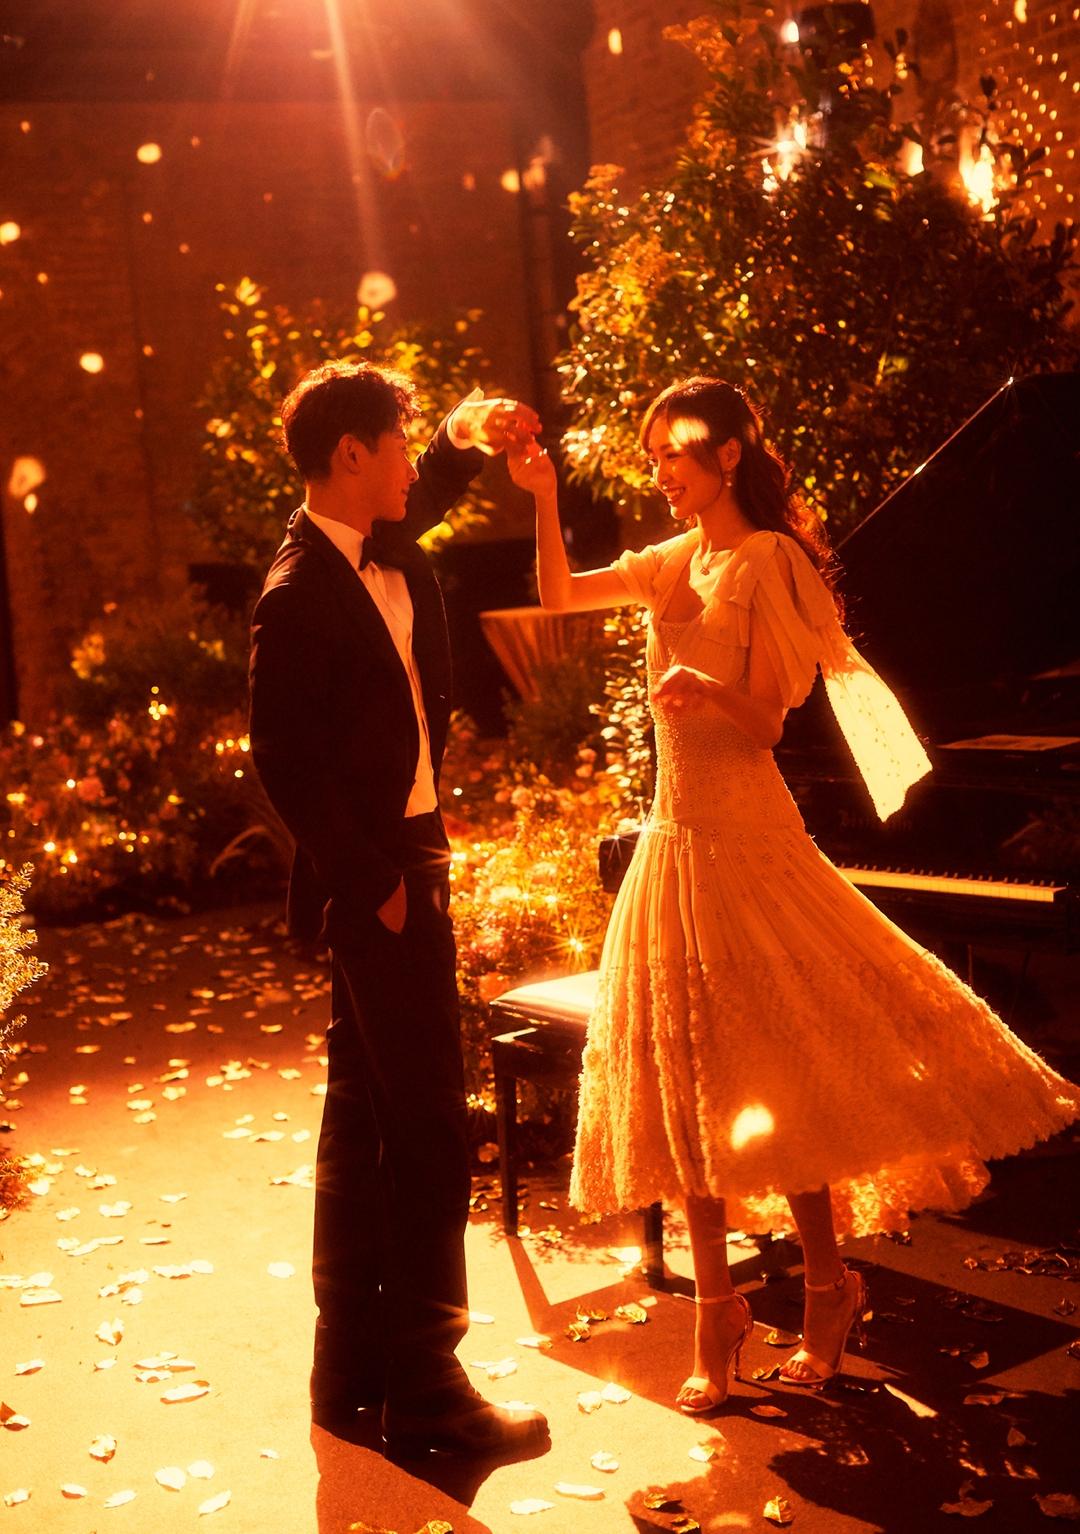 罗晋带伴郎团接新娘唐嫣,现场氛围热闹,两人互相深情表白太暖了